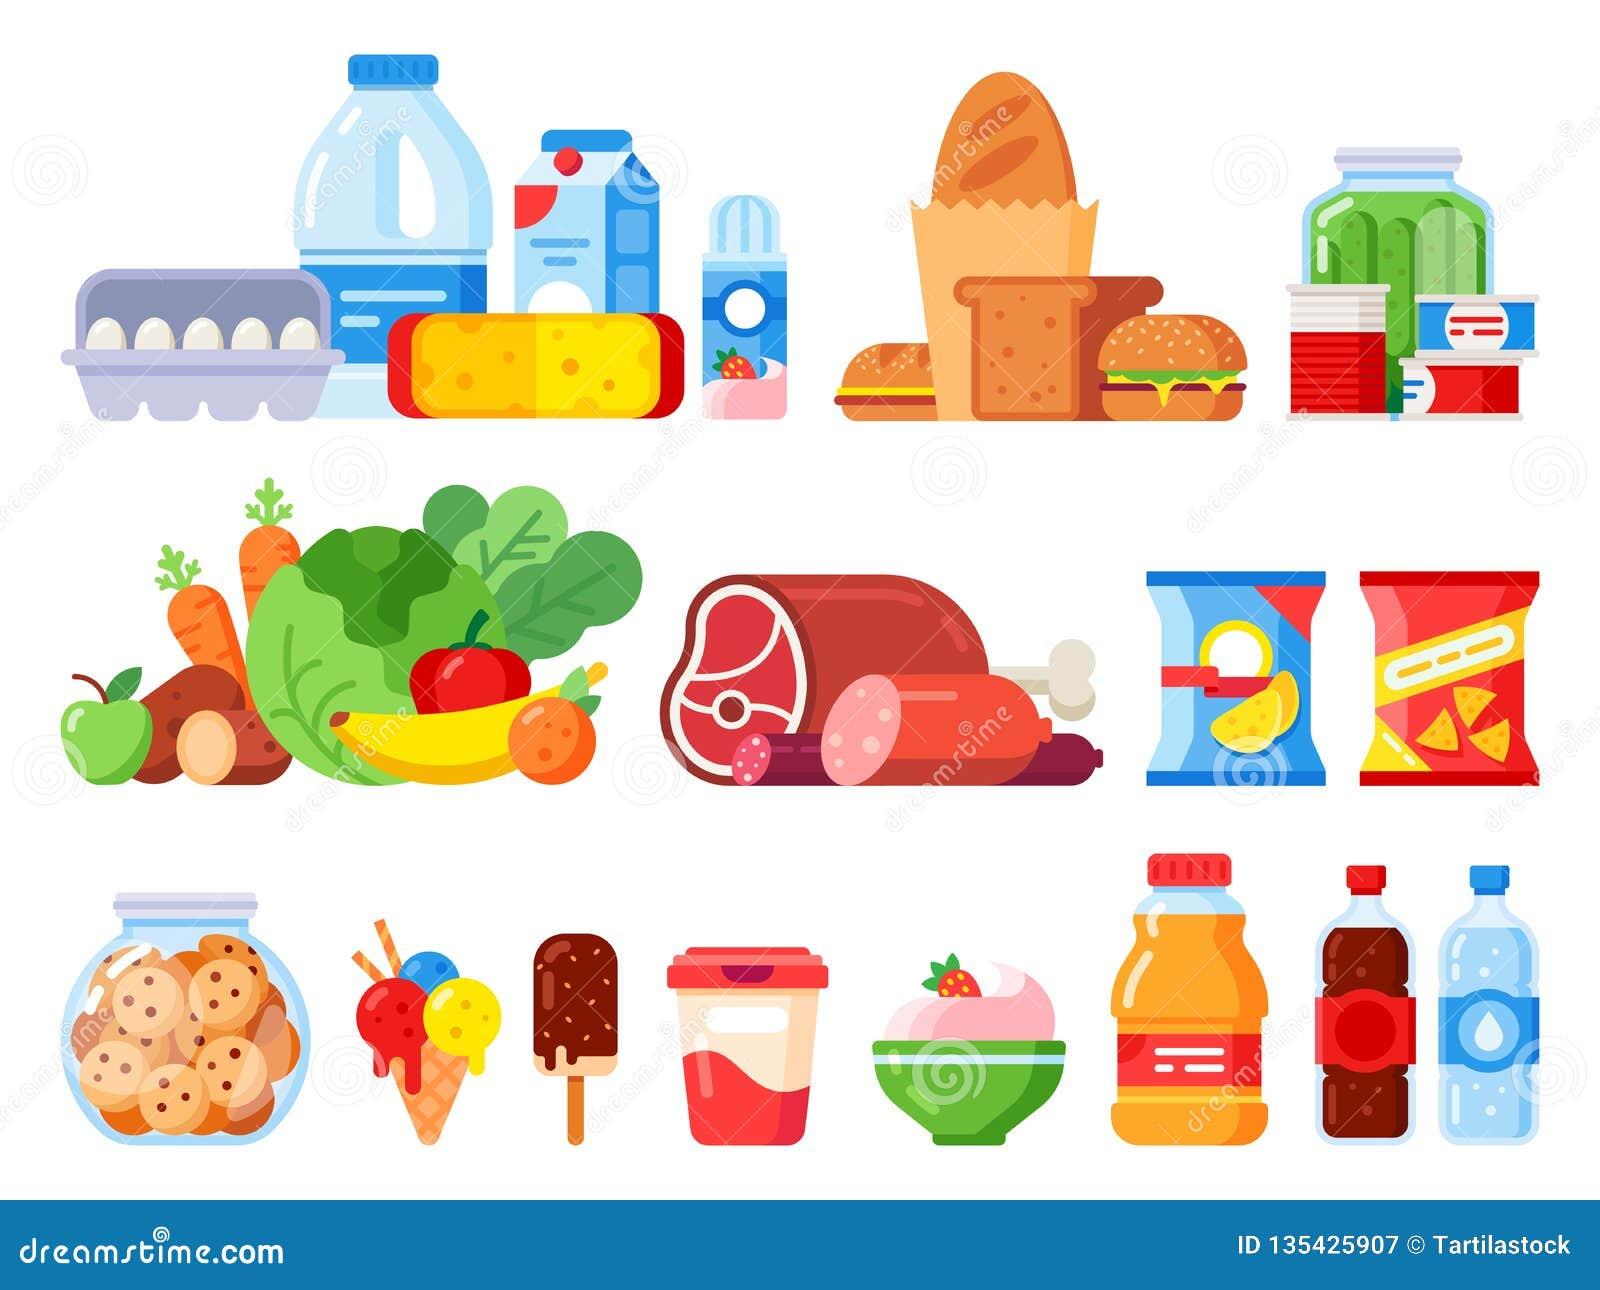 Productos alimenticios Embalado cocinando el producto, mercancías del supermercado y la comida enlatada El tarro de galletas, la